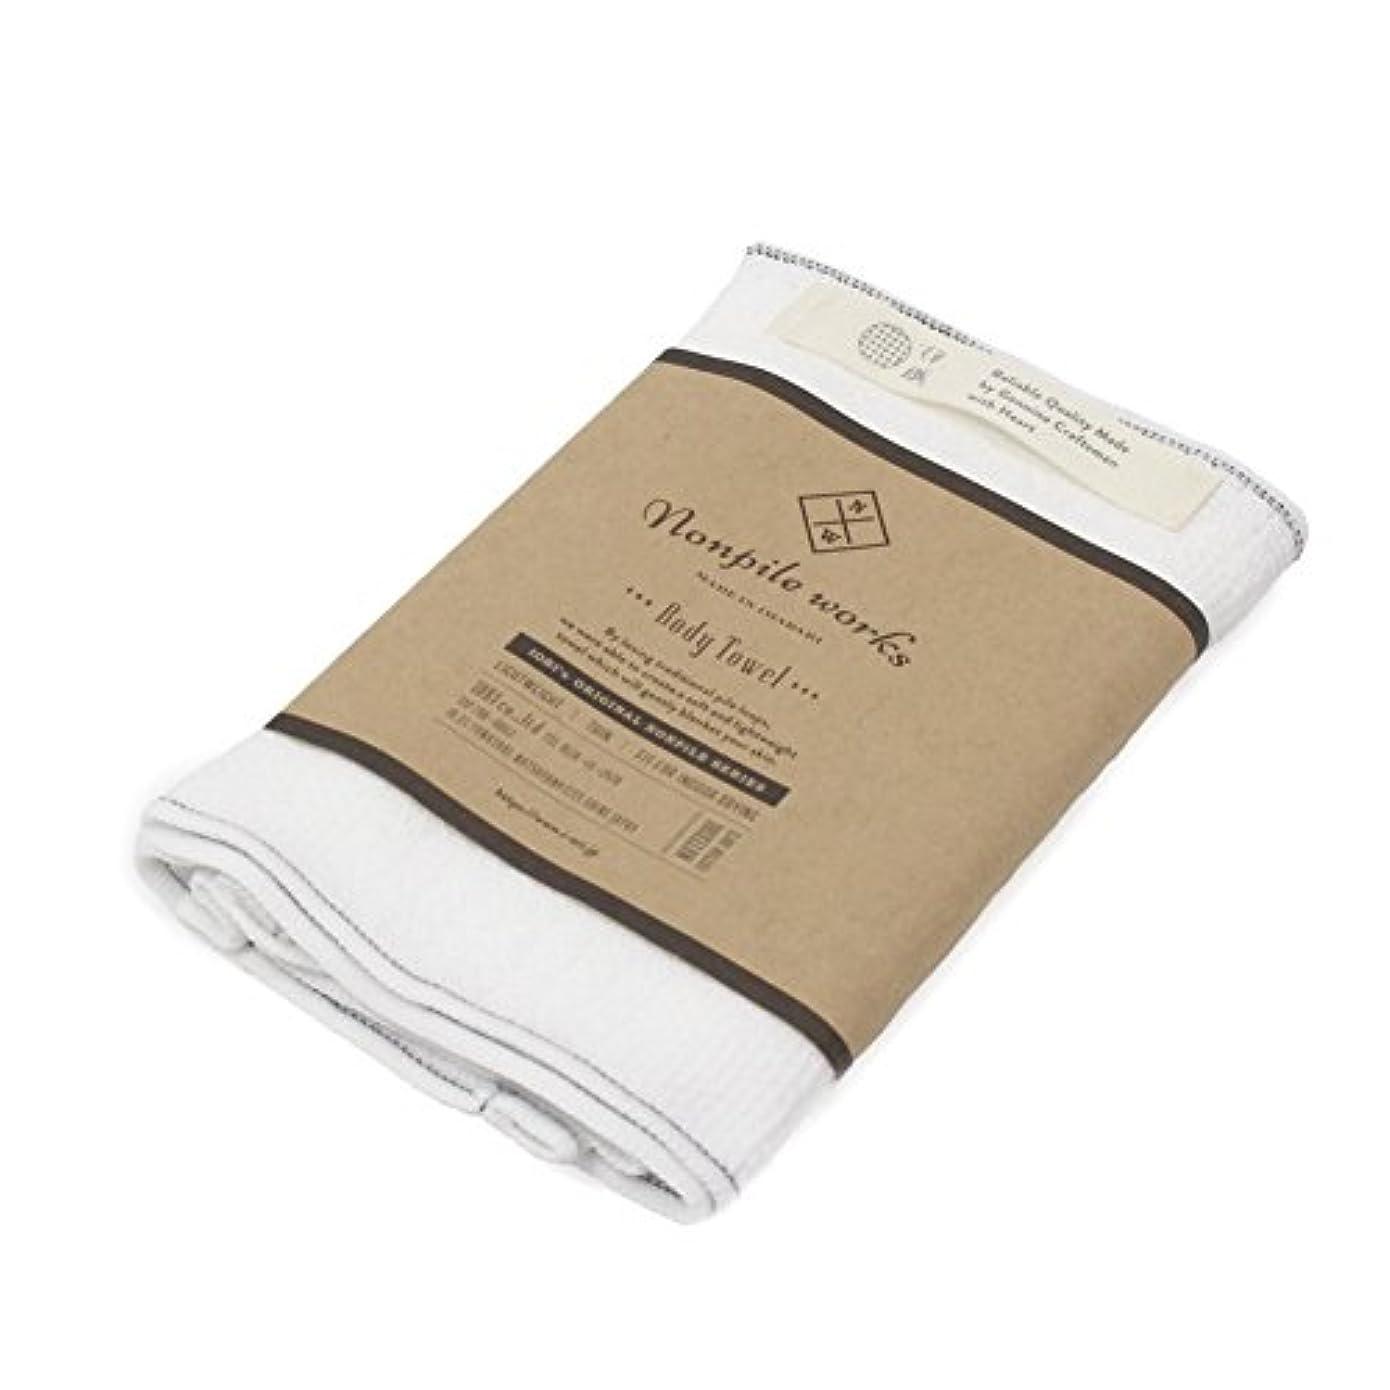 薄暗いスチール一致する今治産 ボディタオル 16x85cm nonpile works Body Towel 伊織 (ホワイト)